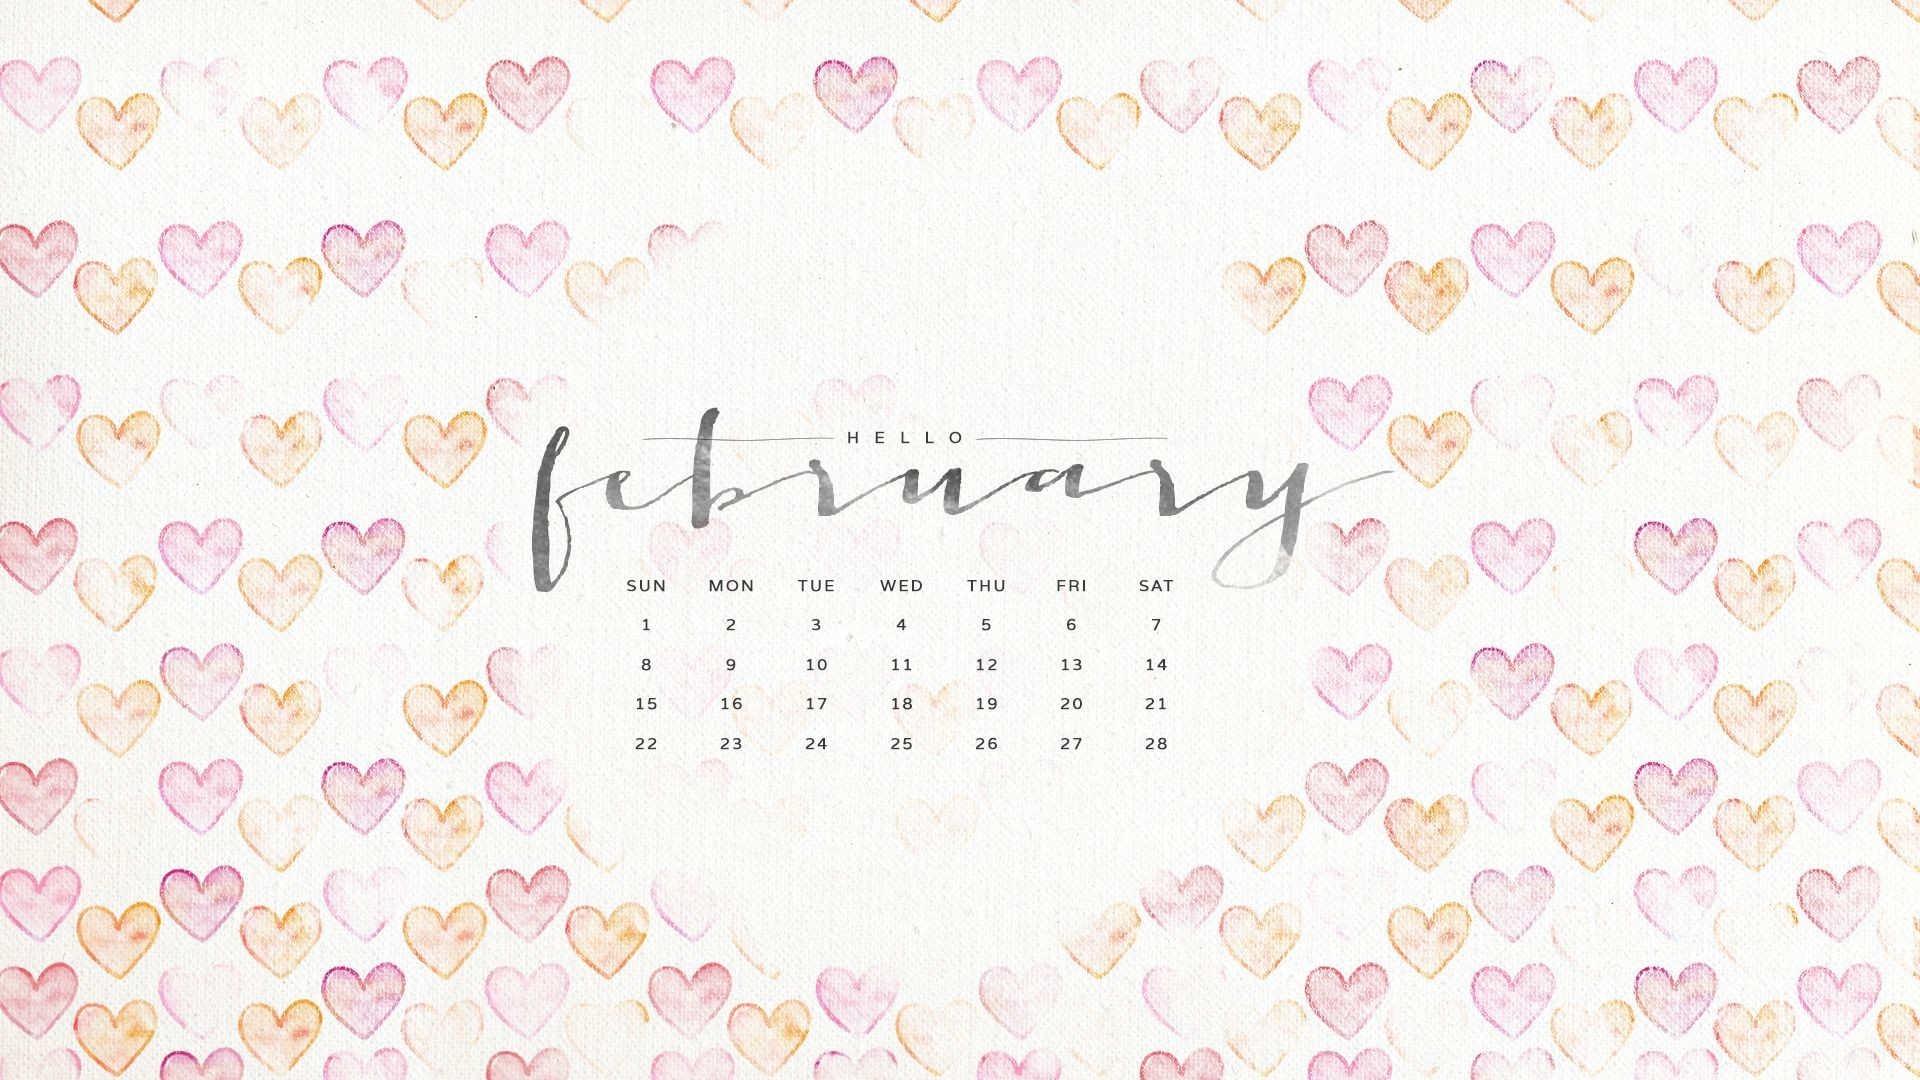 Desktop Wallpapers Calendar February 2018 183 ①